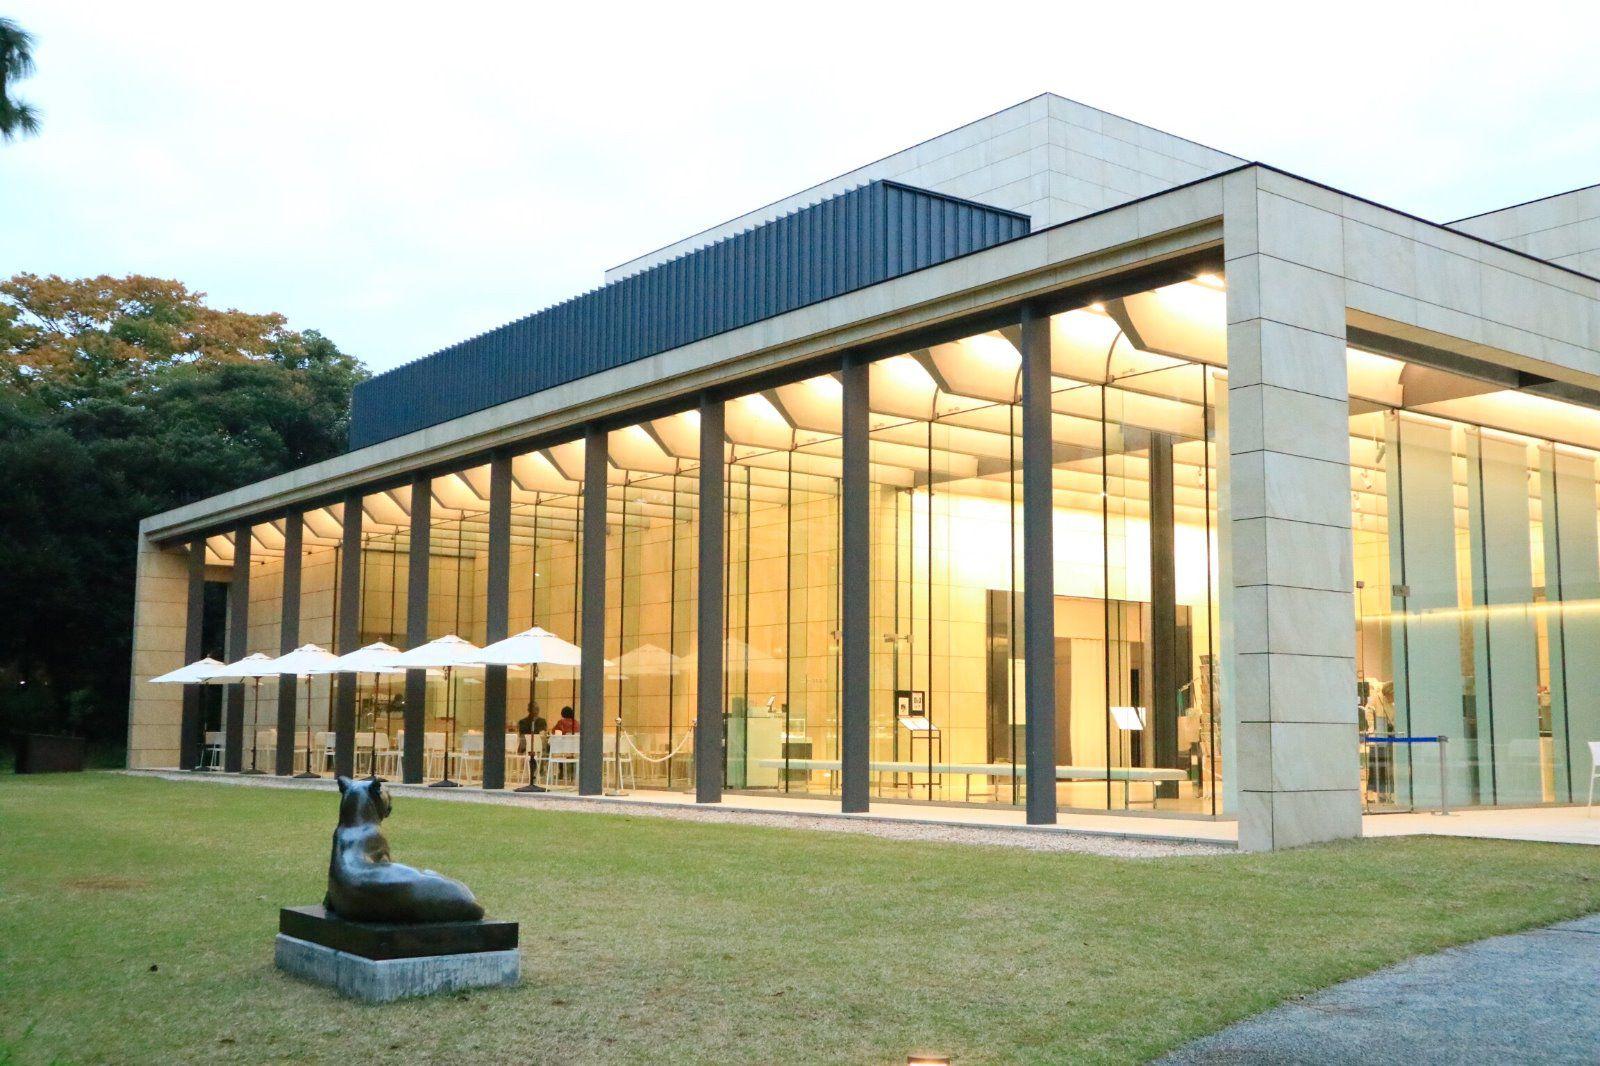 東京 都 庭園 美術館 東京都庭園美術館|庭園について